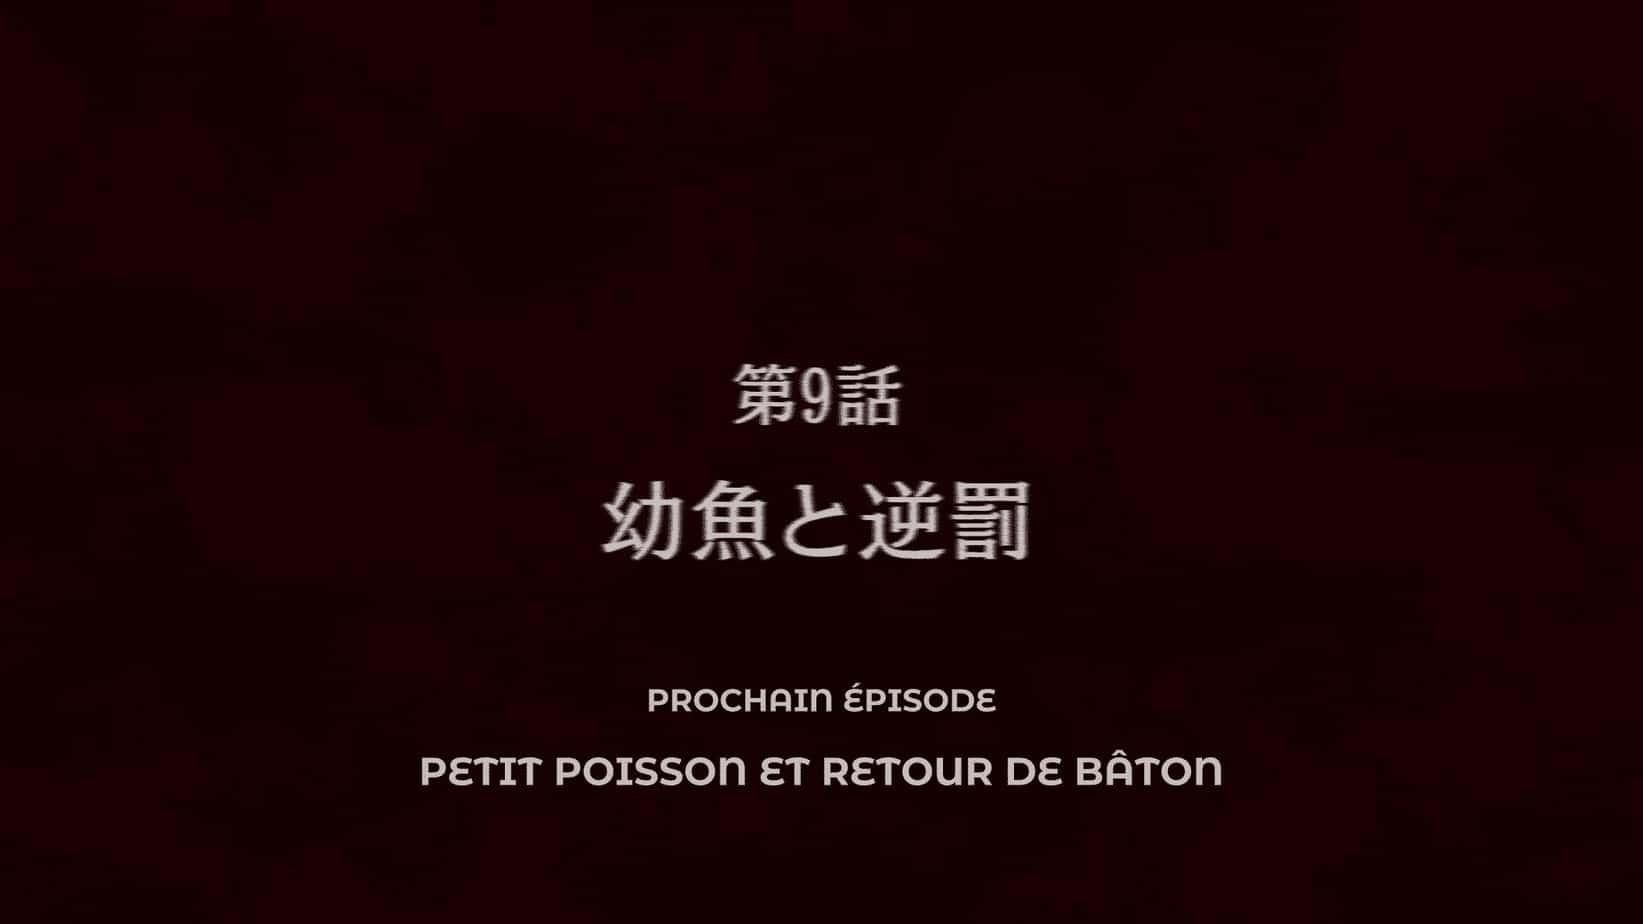 Jujutsu Kaisen Episode 9 vostfr - Petit poisson et retour de Bàton 20